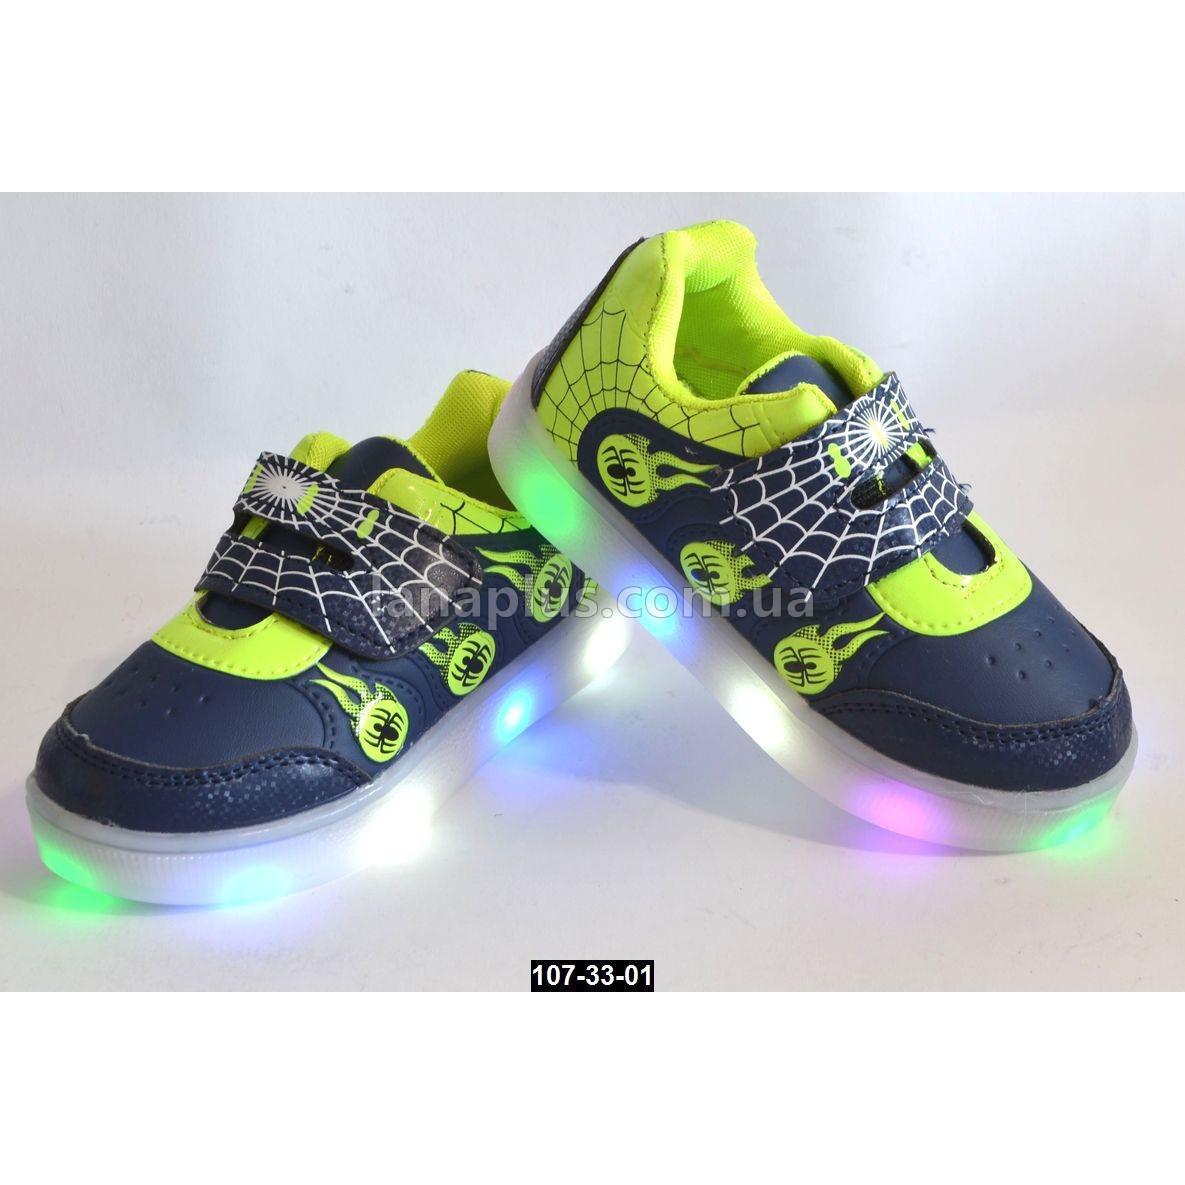 Светящиеся LED кроссовки для мальчика, 22 размер (14.2 см), с мигалками, супинатор